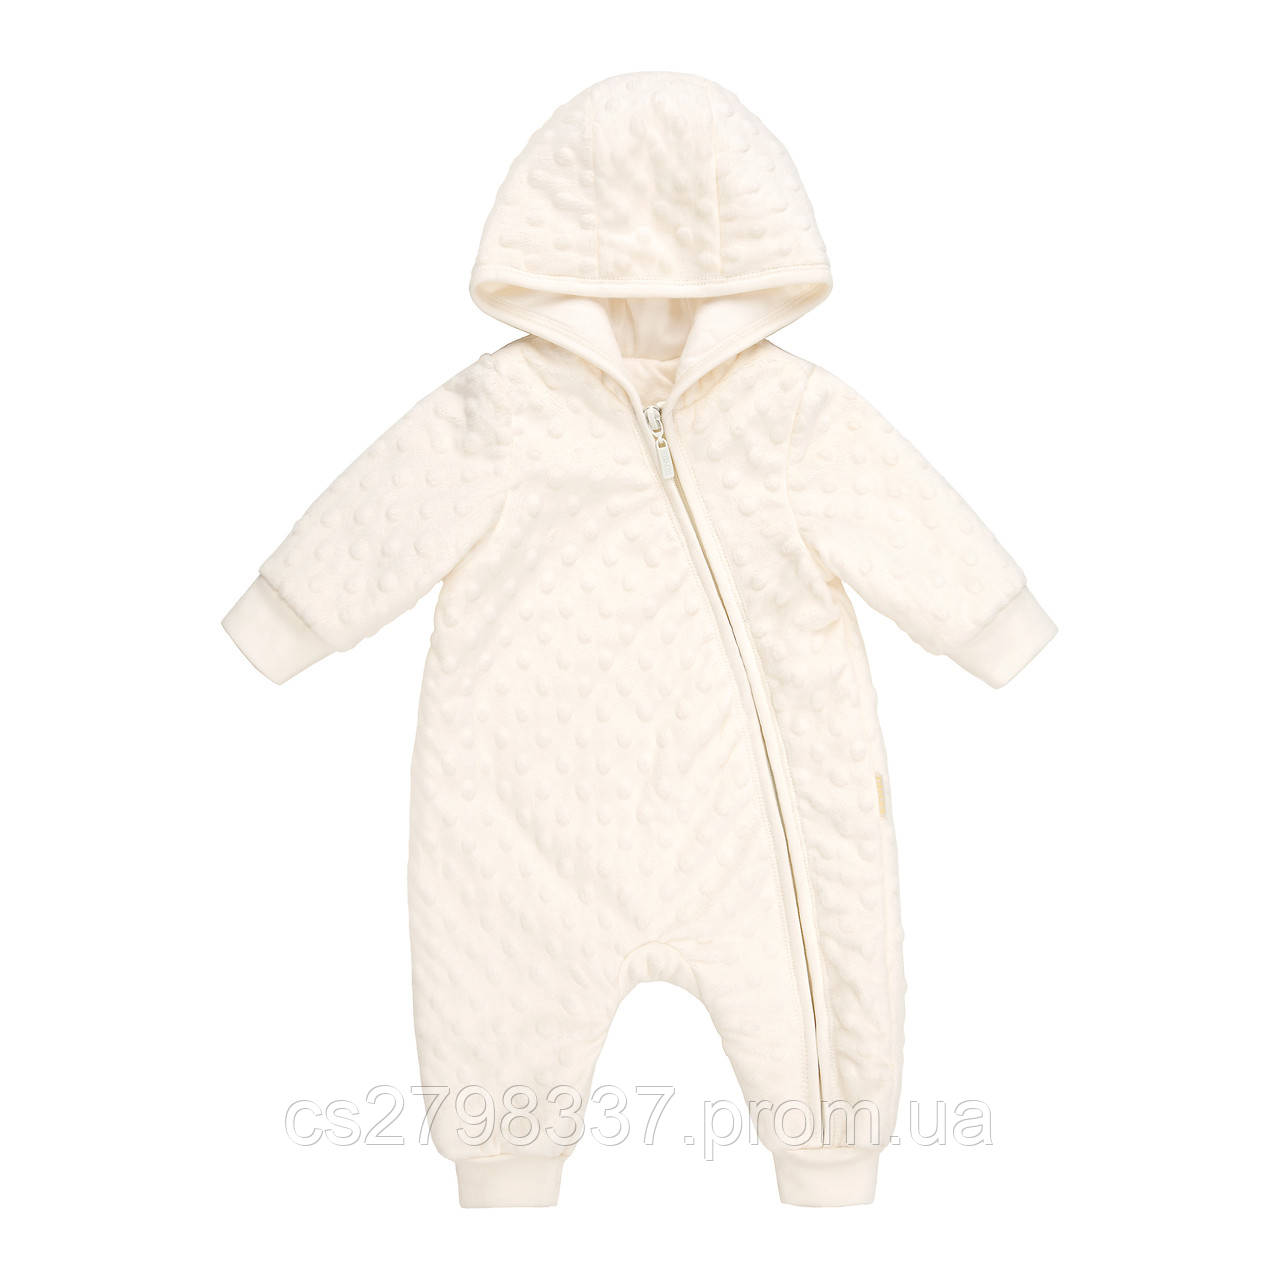 a1af47067cd0cd Комбінезон демісезонний, плюш фактурний, для новонароджених. з довгим  рукавом. КБ99 р.